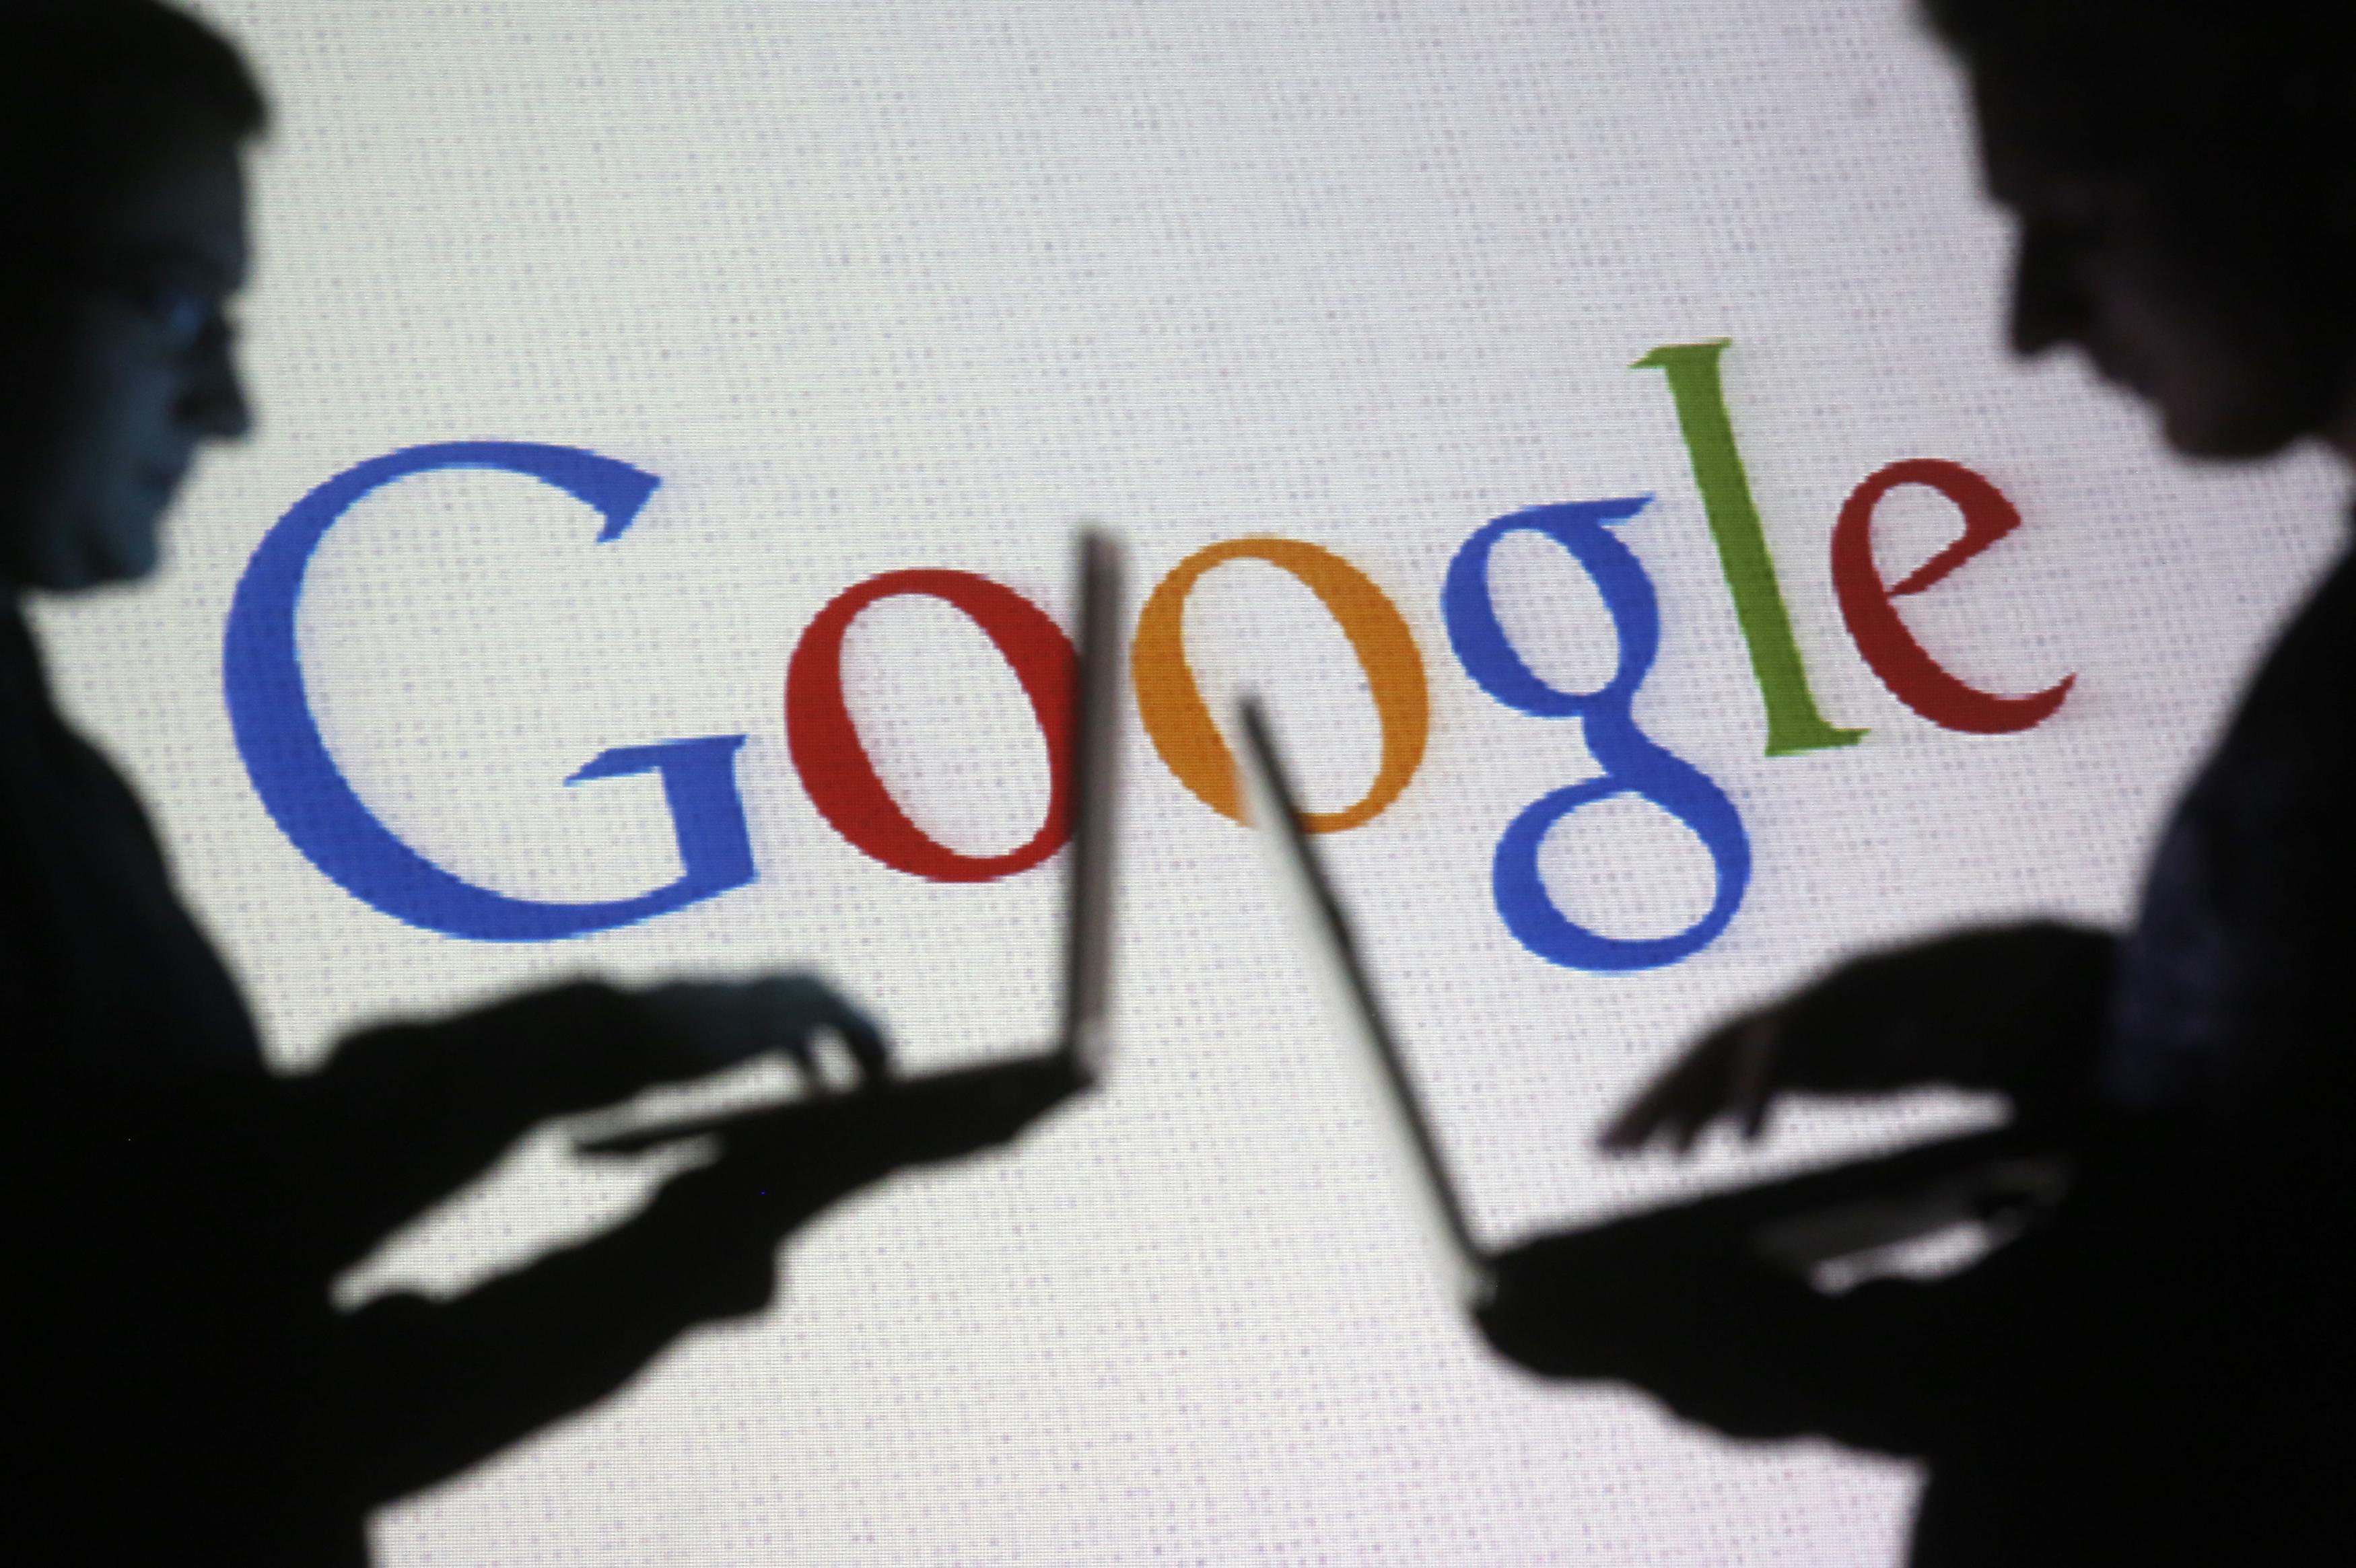 Google nabídl divizi LG Display 1 bilion KRW, chce si zachovat dobré vztahy